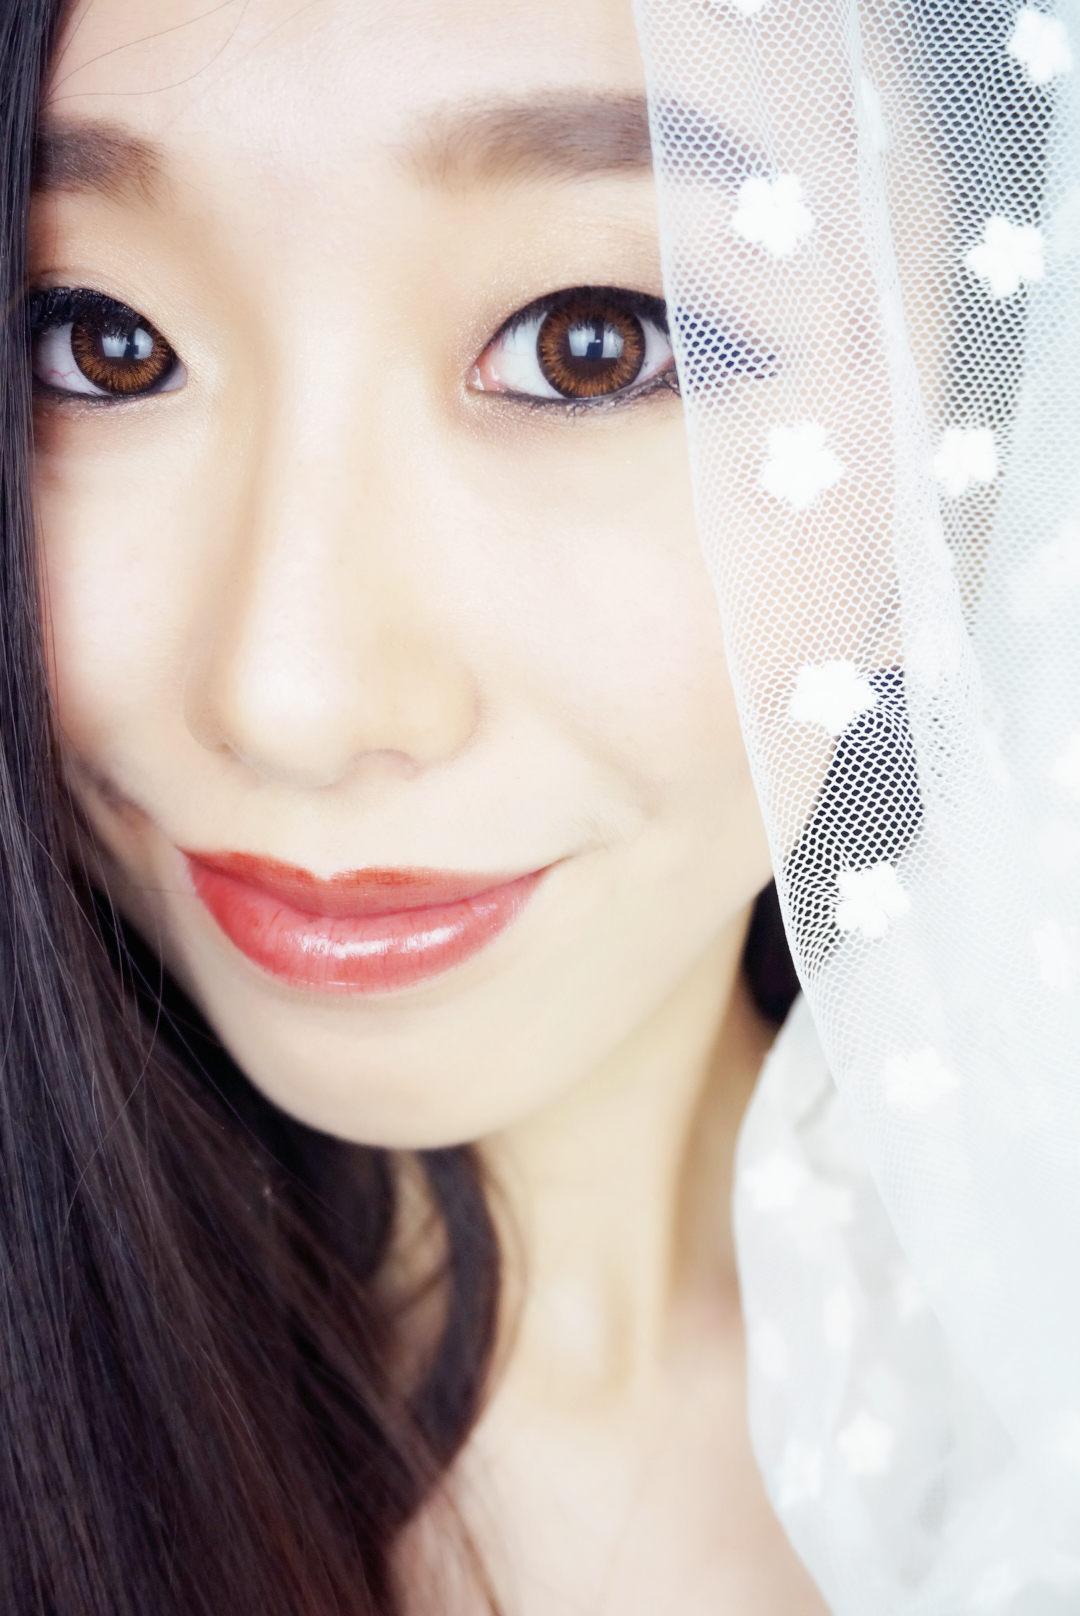 【爱美小菲阳】属于单眼皮妹子的高冷新娘妆